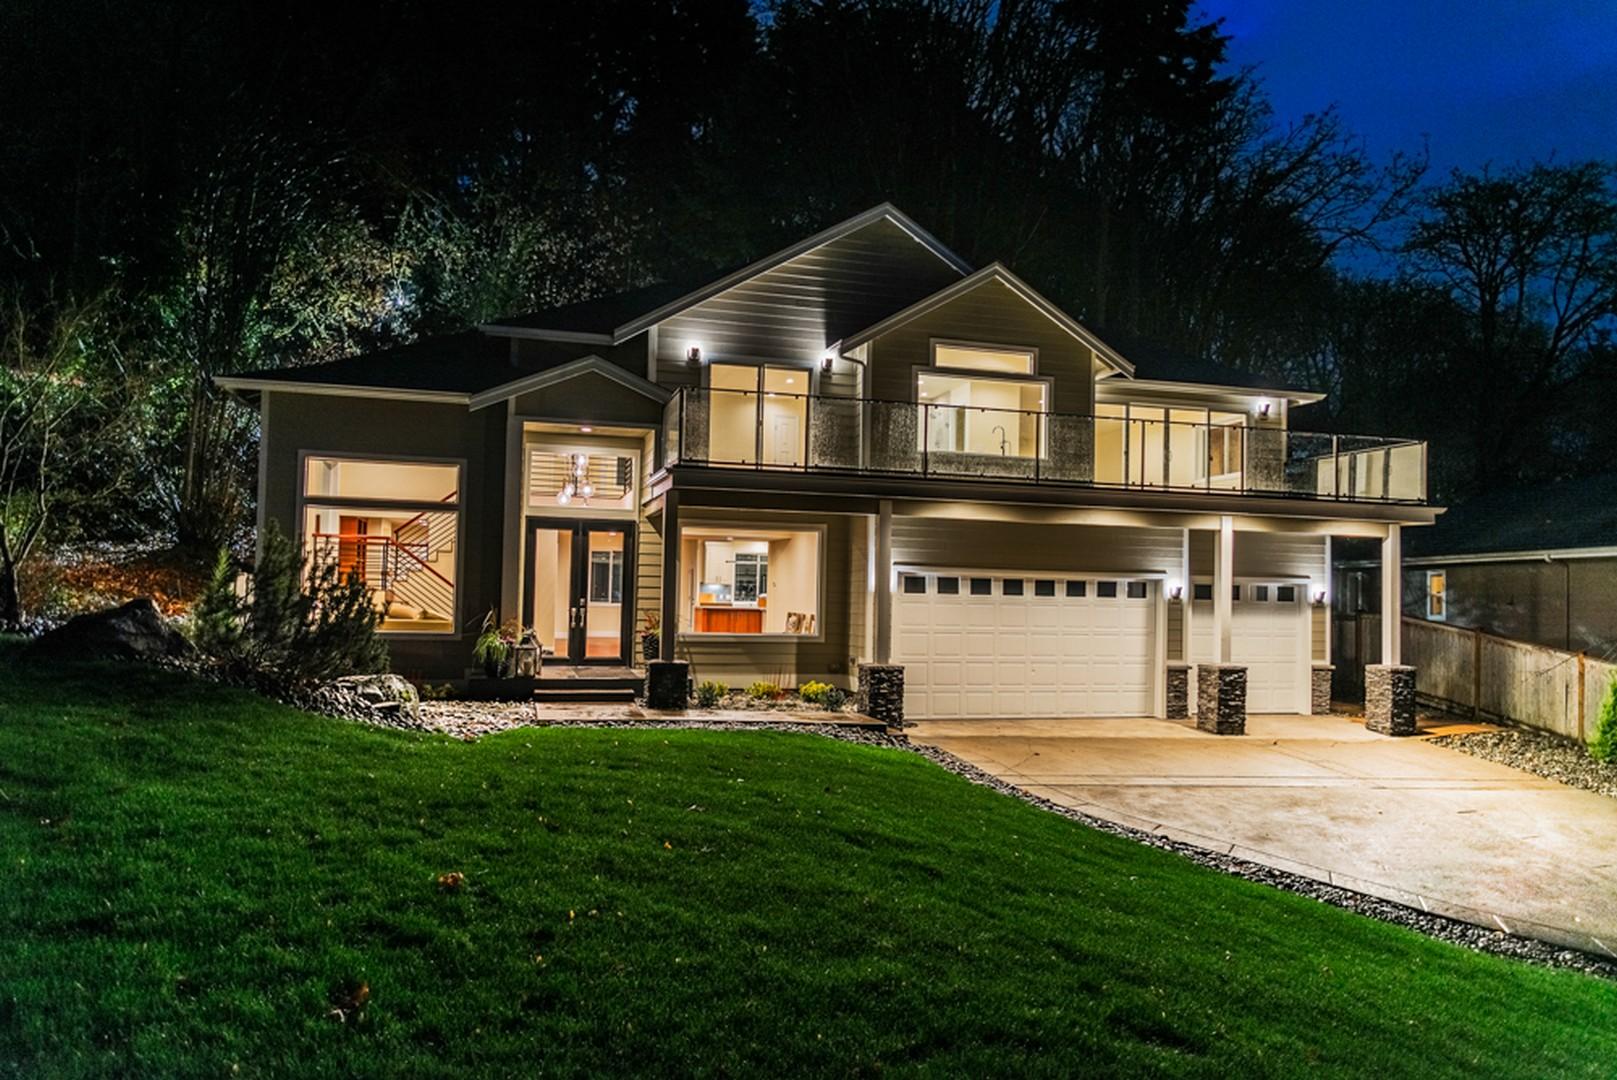 단독 가정 주택 용 매매 에 Sunnyside Heights Gem 2330 Sunnyside Heights Drive Steilacoom, 워싱톤, 98388 미국